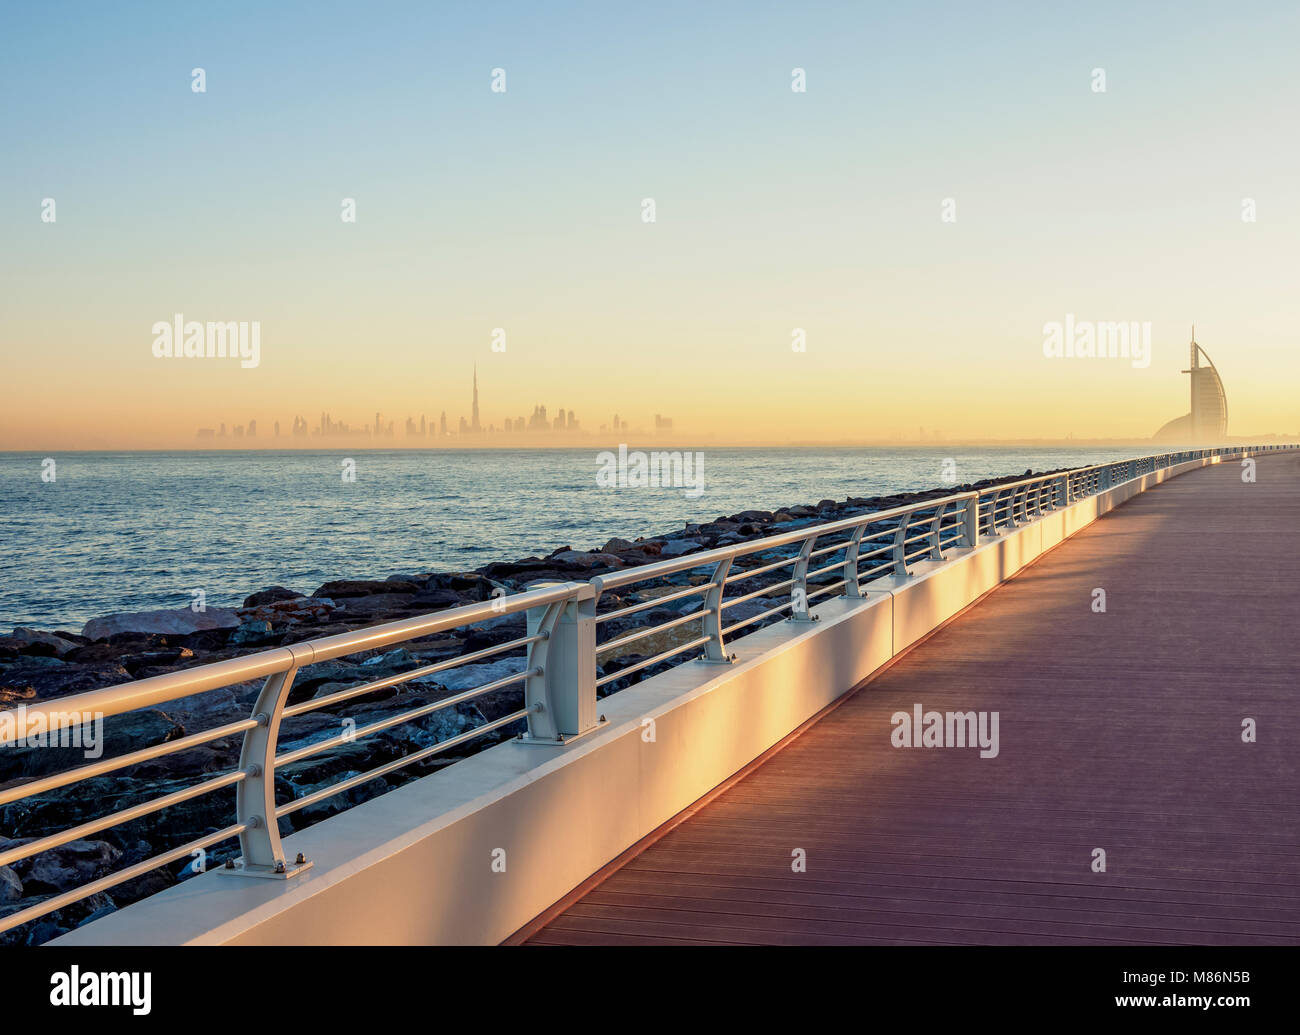 Palm Jumeirah Paseo Marítimo y del centro de la ciudad Skyline en Sunrise, Dubai, Emiratos Árabes Unidos. Imagen De Stock